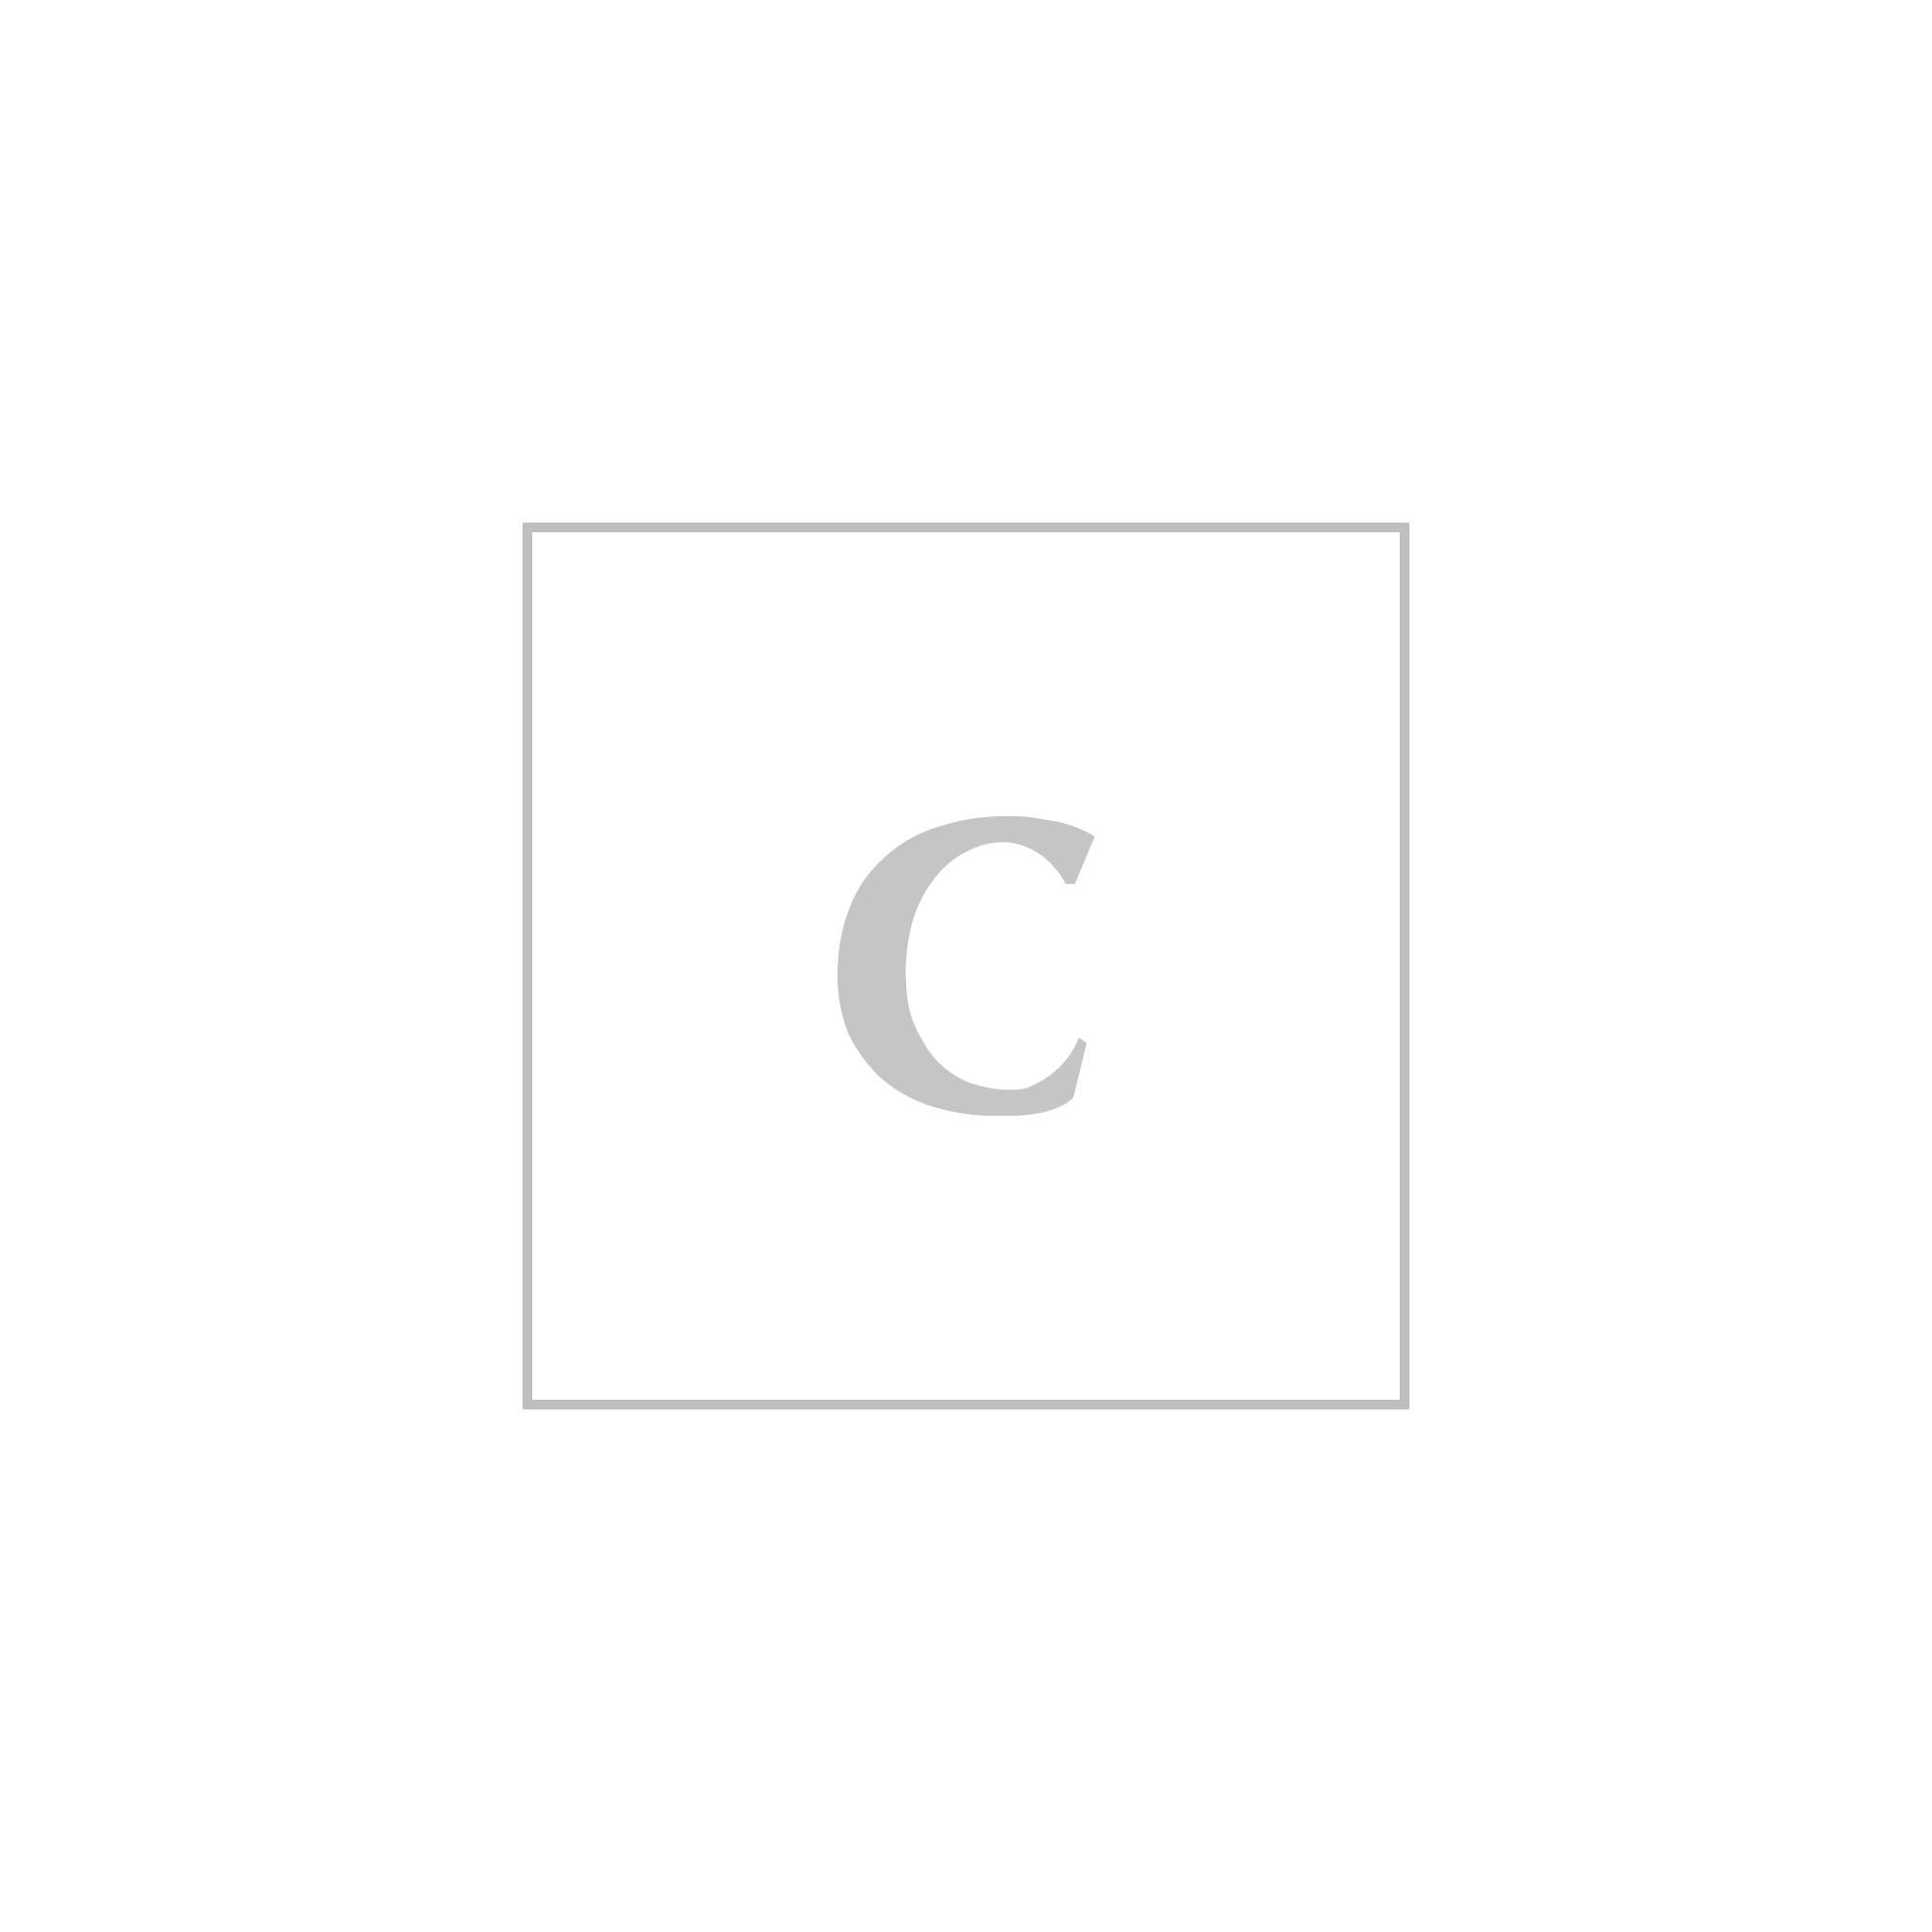 Dolce & gabbana borsa piattina nylon e stampa dauphine